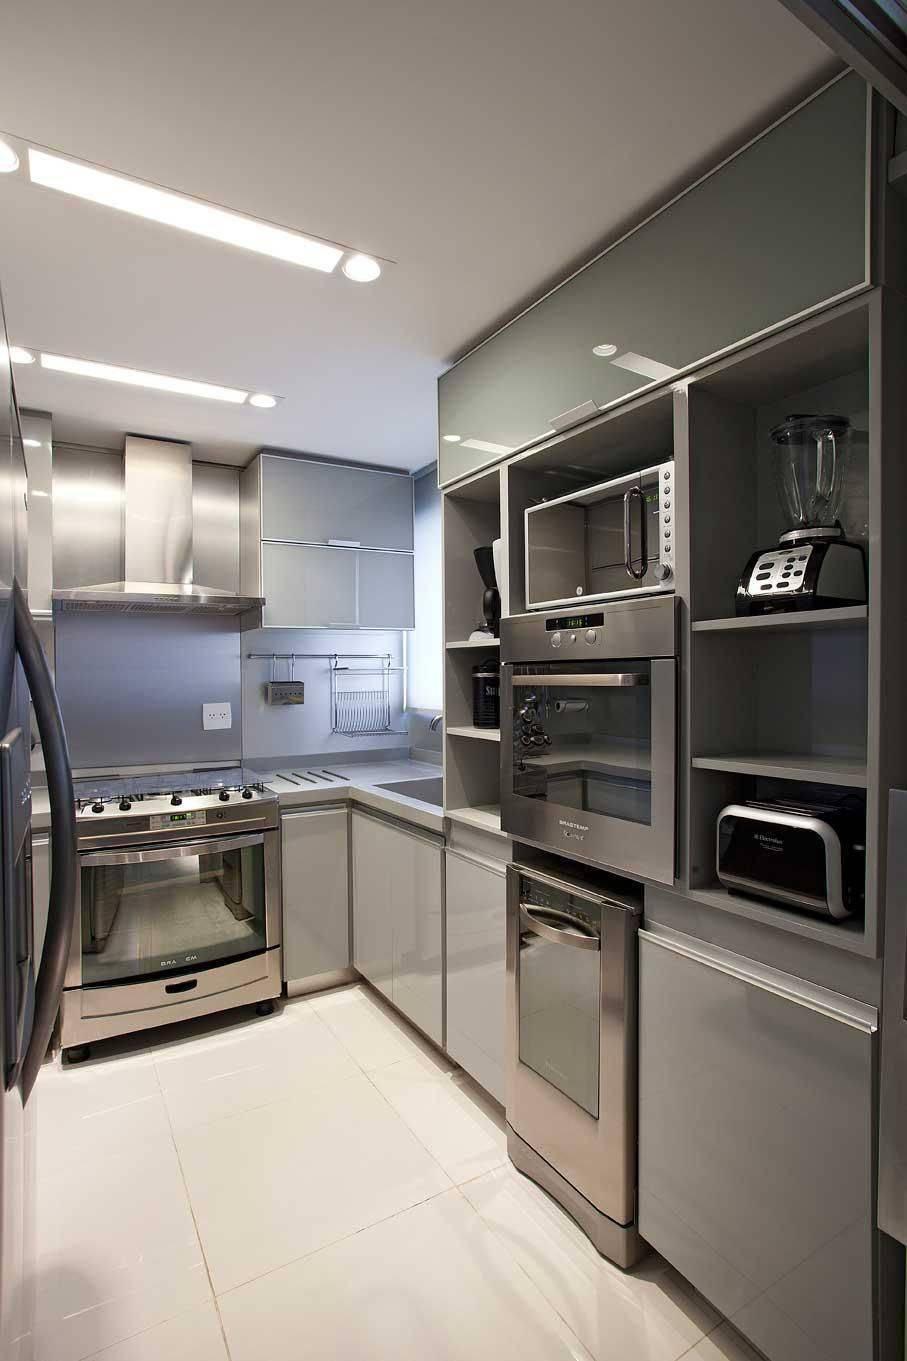 Cozinhas Planejadas para Apartamentos Pequenos lf rezende 67865